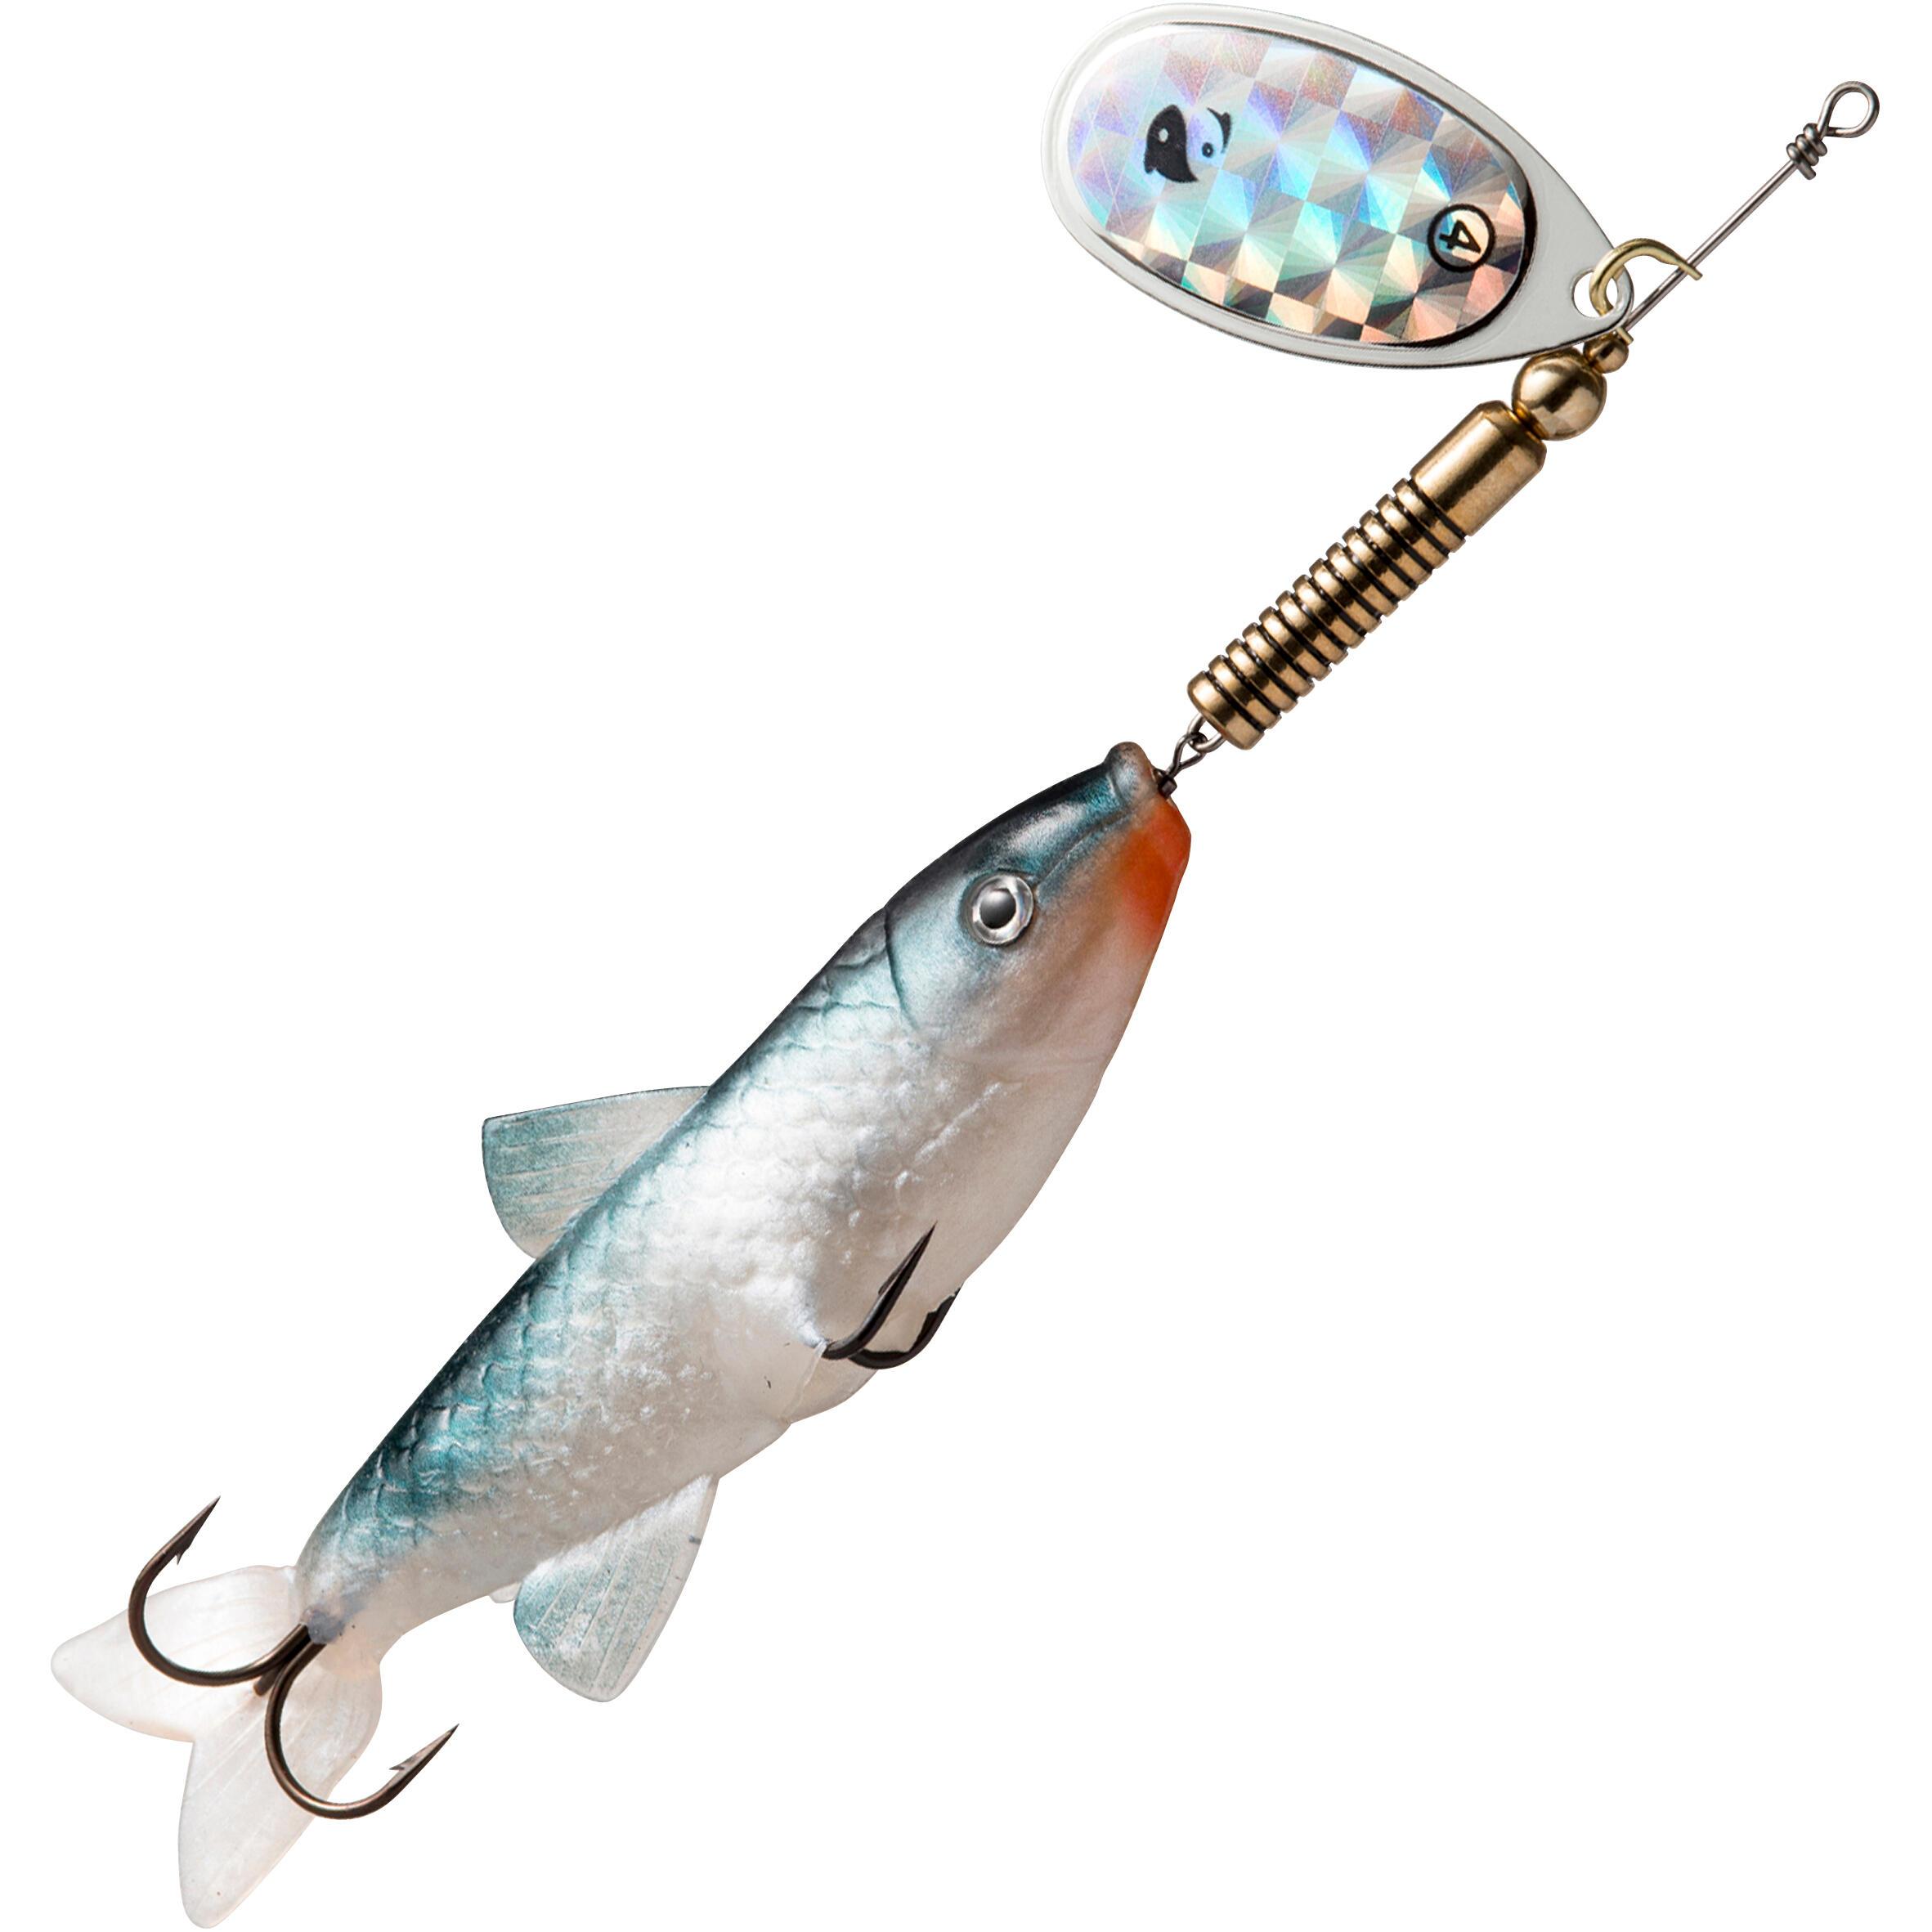 WETA FISH _DIESE_4...